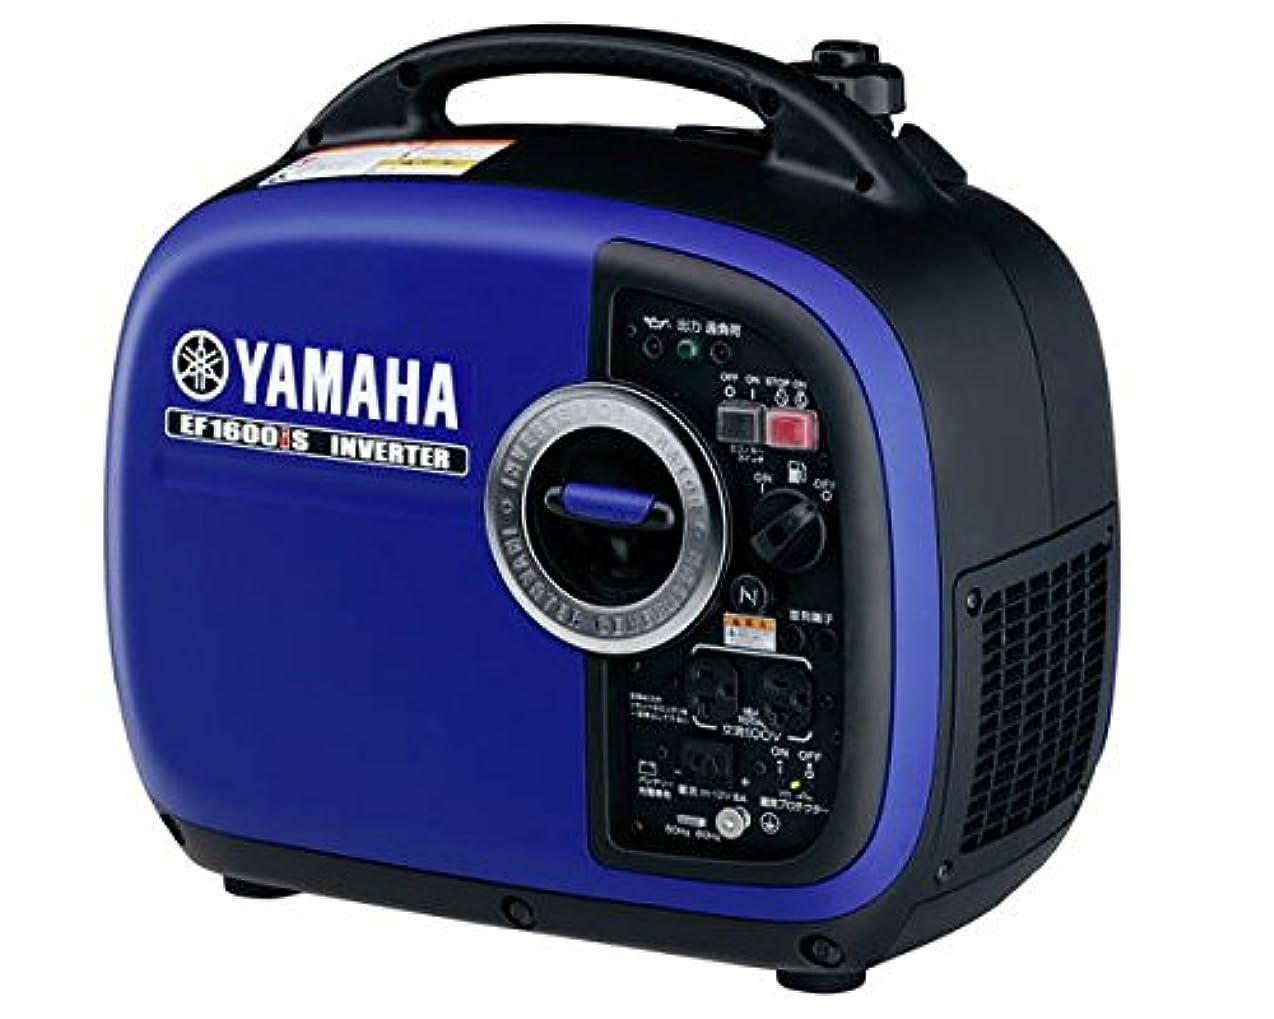 十分に比類のない不明瞭ヤマハ 発電機 防音型 インバータ発電機 EF1600iS 1.6kVA [50Hz/60Hz] 直流12V-8A付